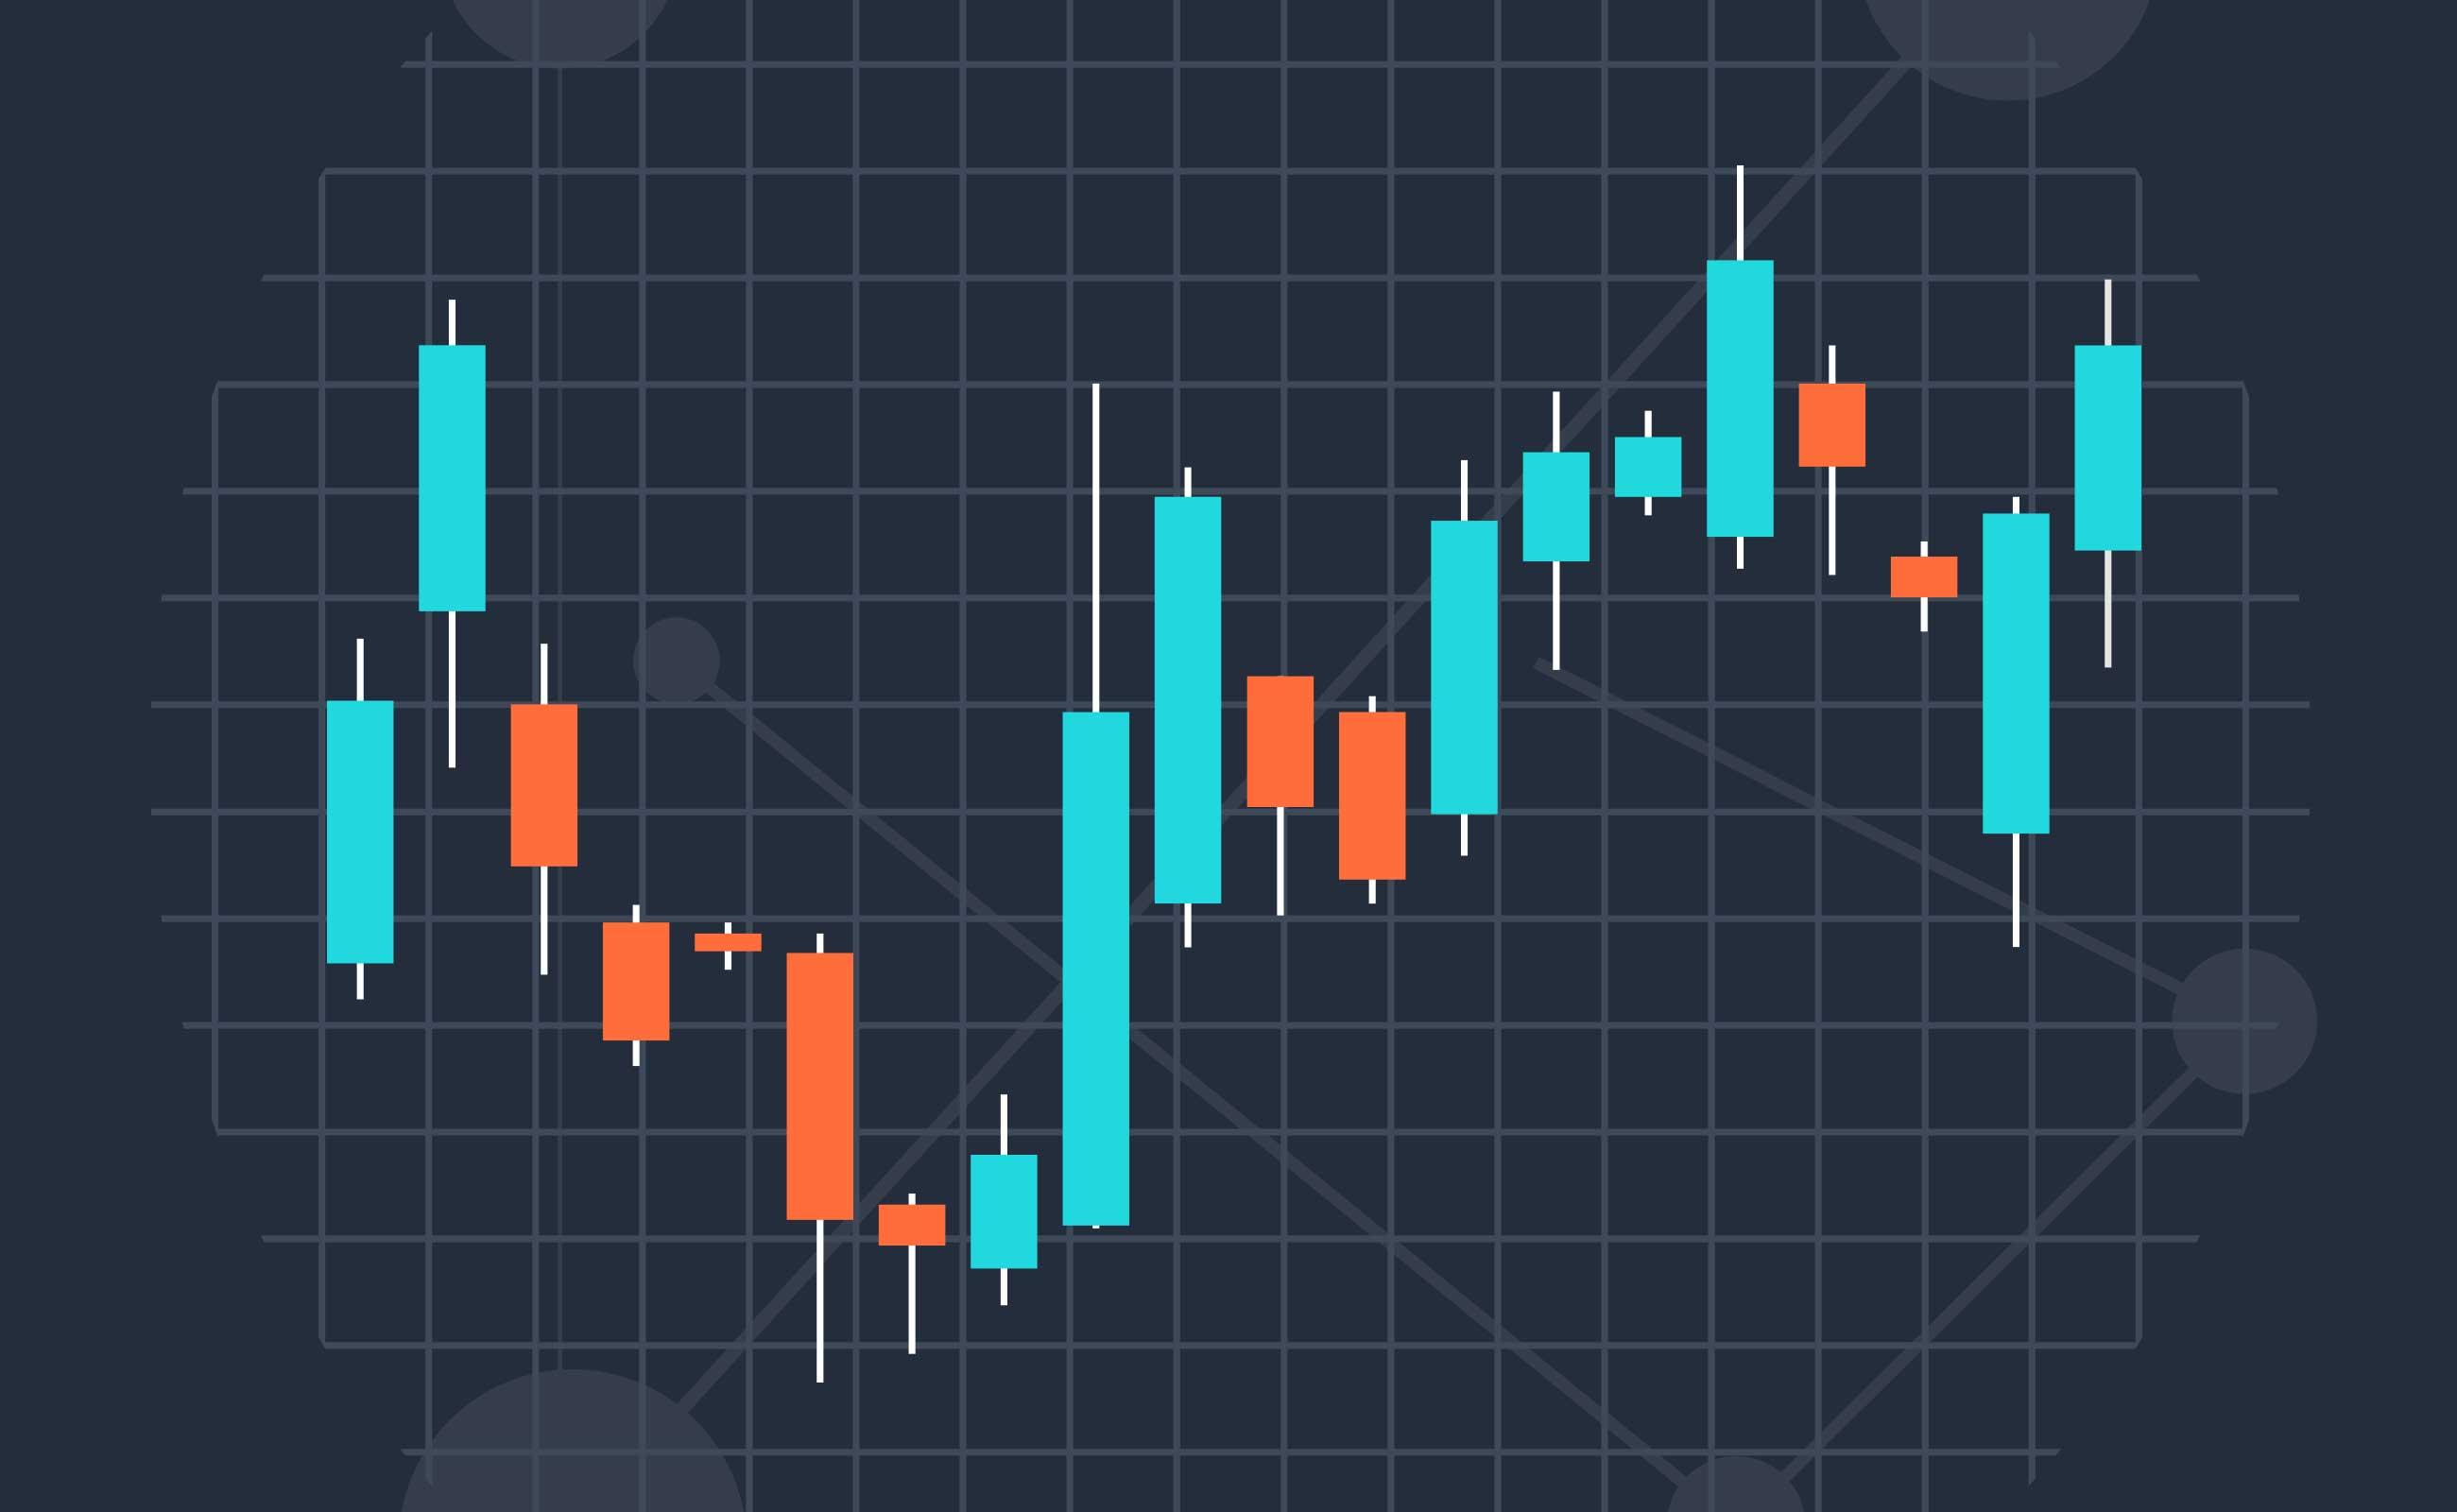 节后首个交易日A股下跌 私募中长期策略仍偏积极